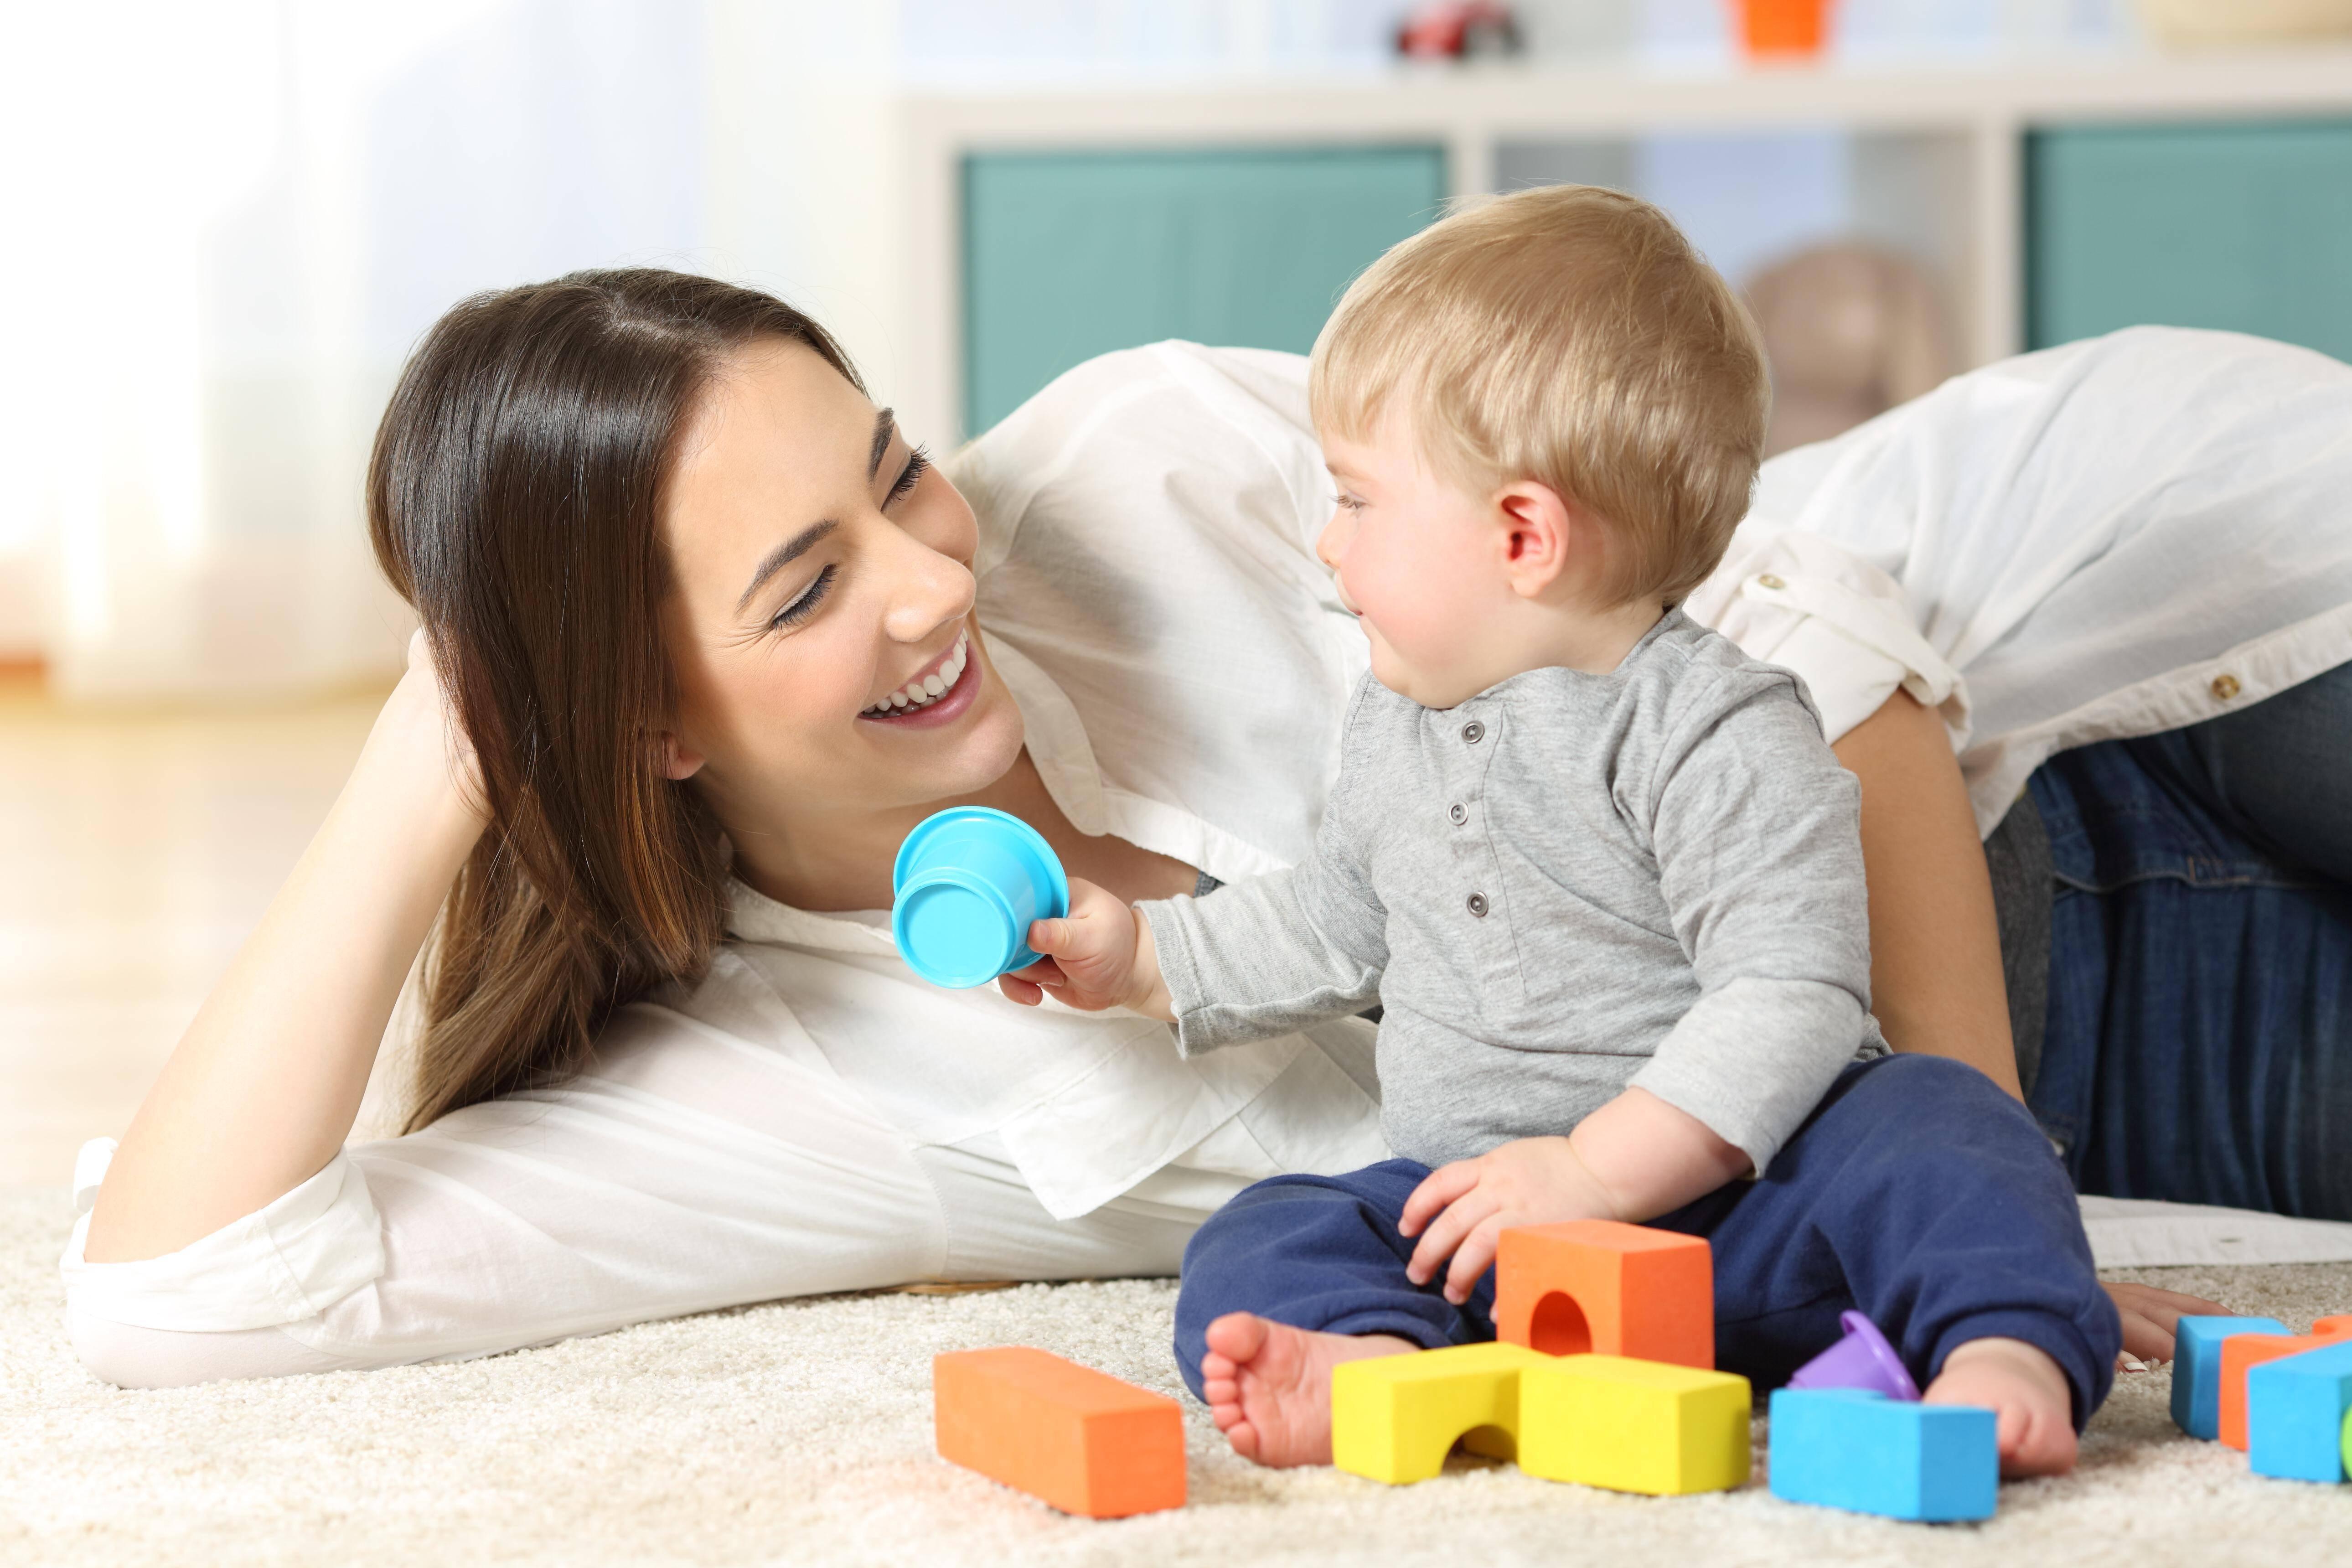 Babysitter anmelden: Darauf müssen Sie achten